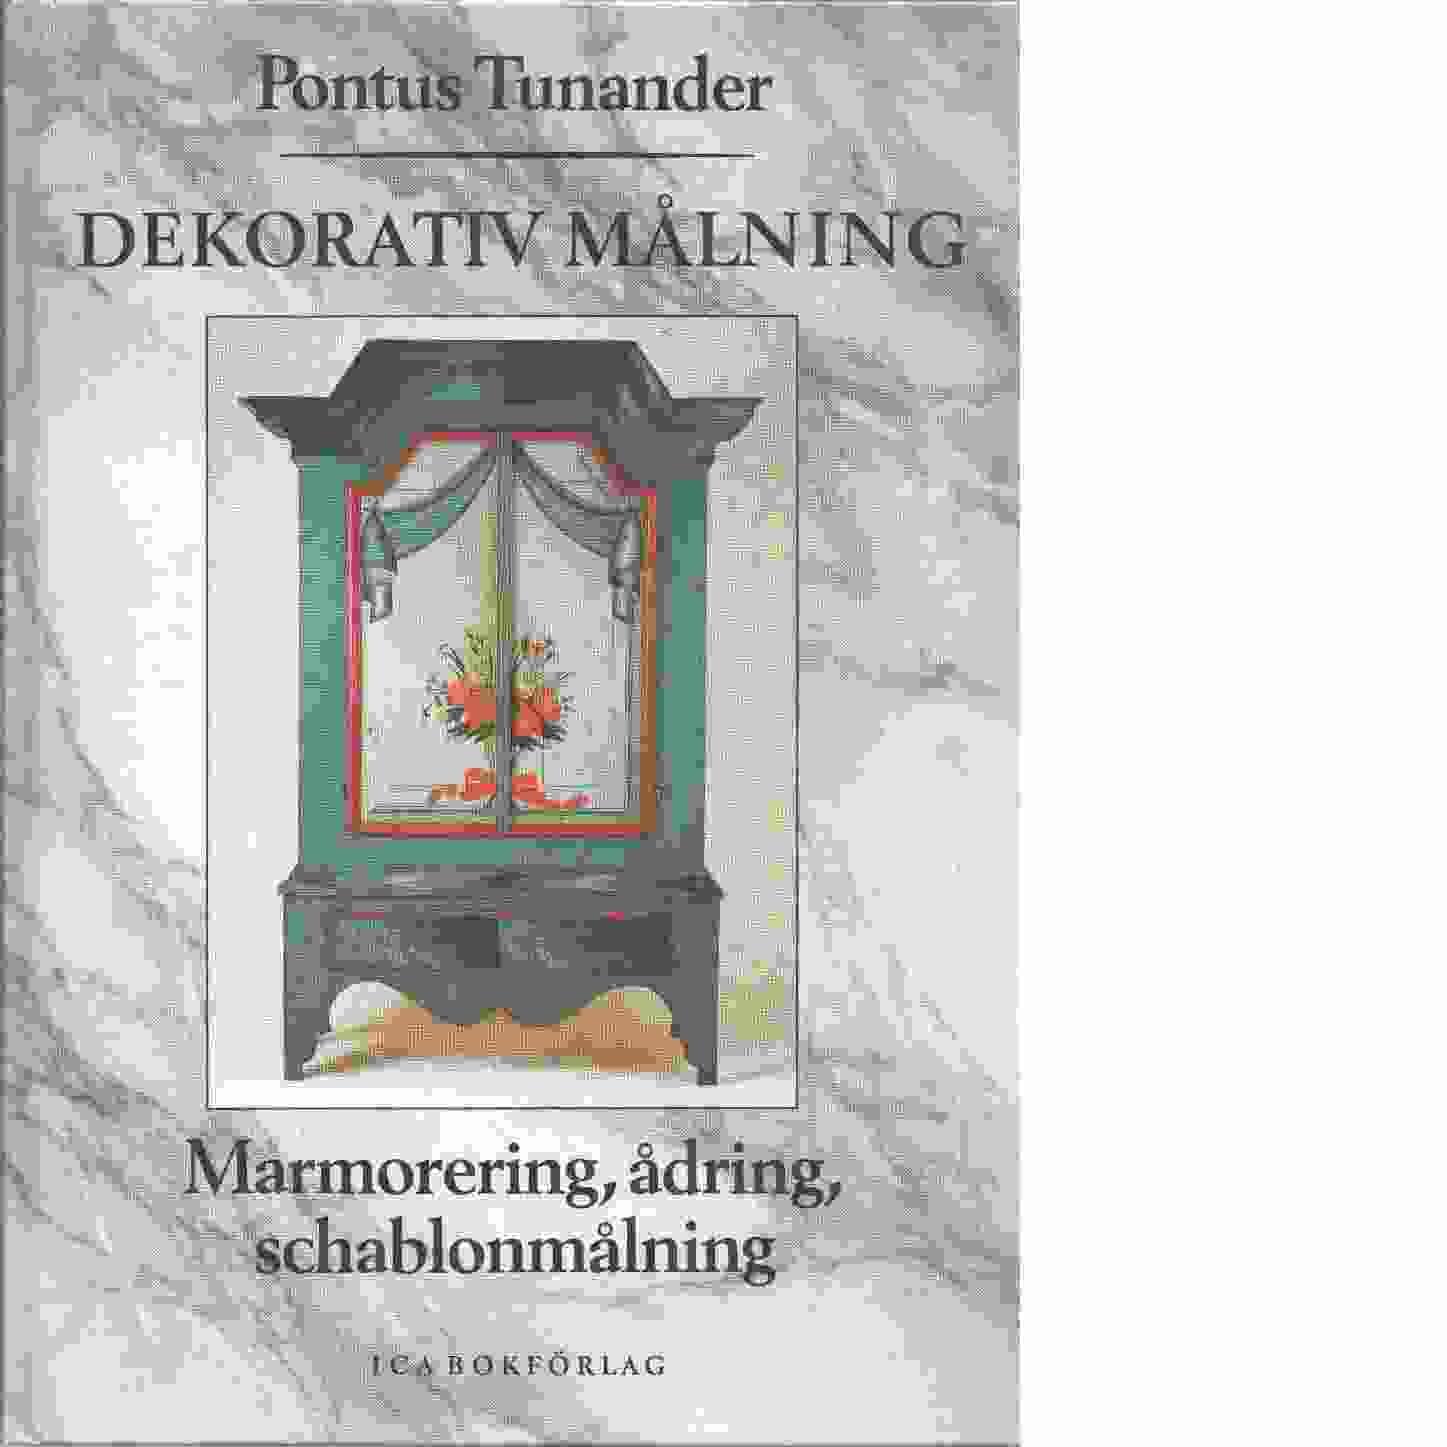 Dekorativ målning : marmorering, ådring, schablonmålning - Tunander, Pontus